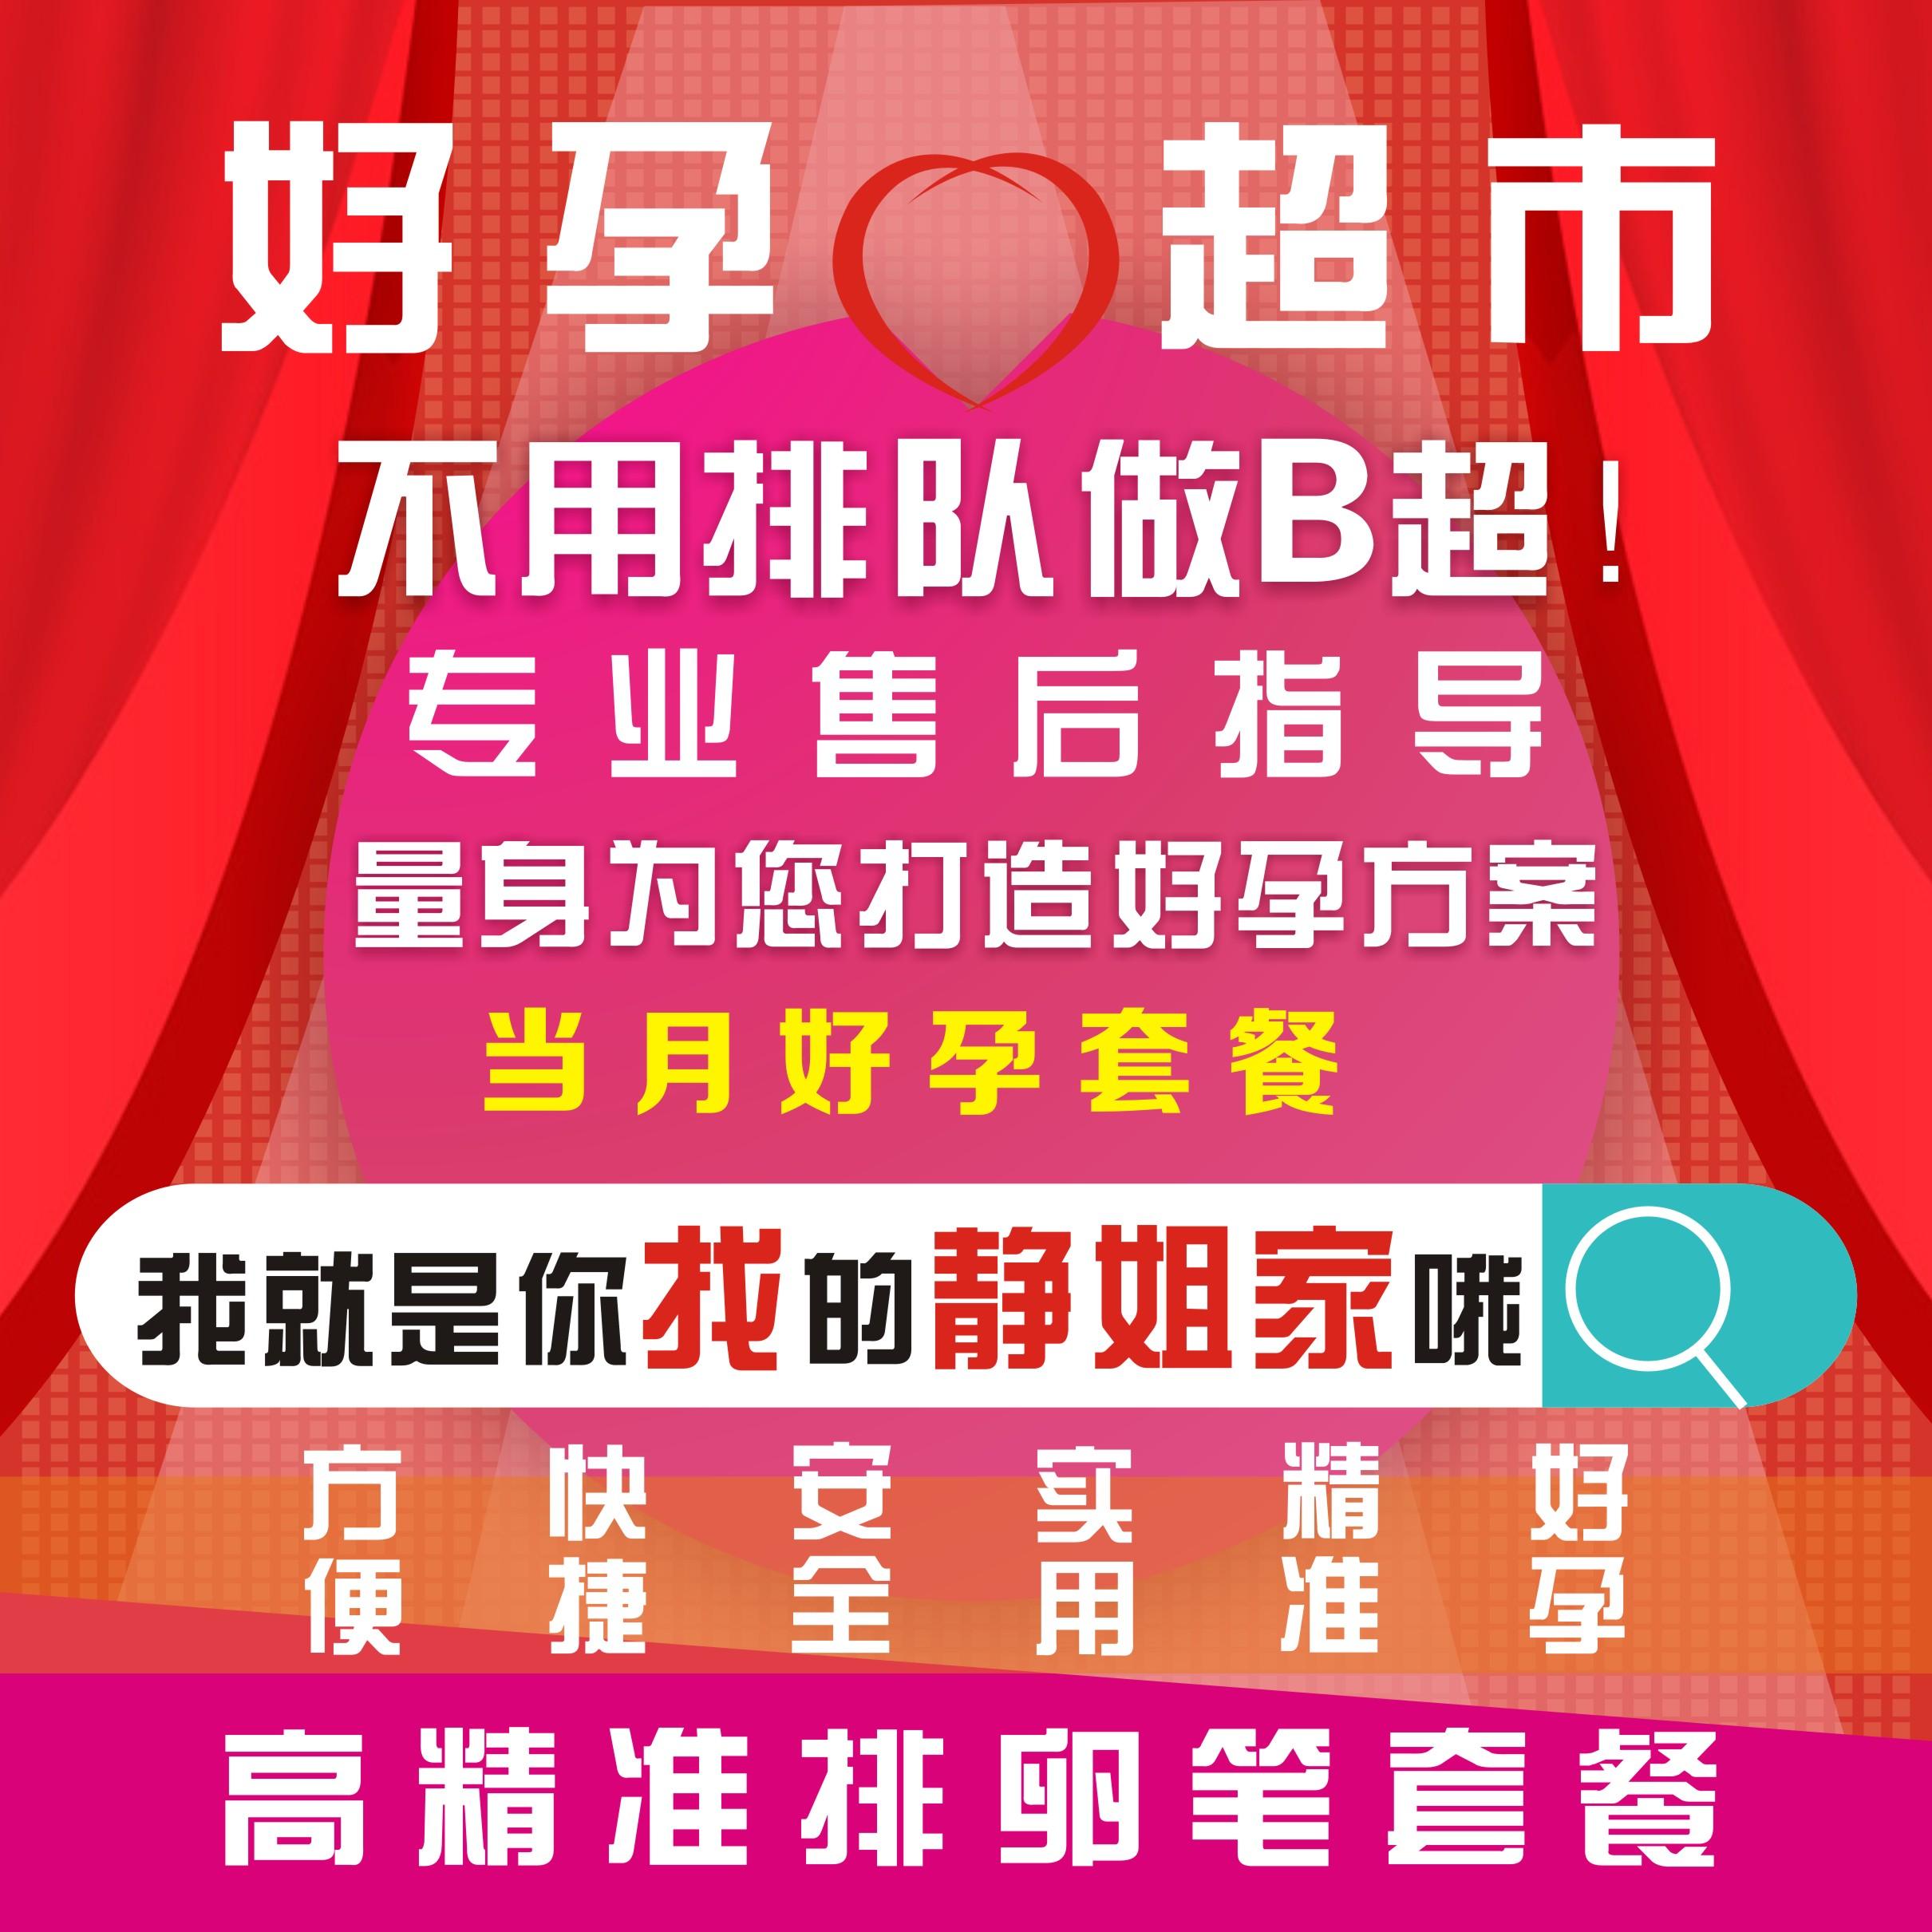 Купить Товары для планирования семьи в Китае, в интернет магазине таобао на русском языке